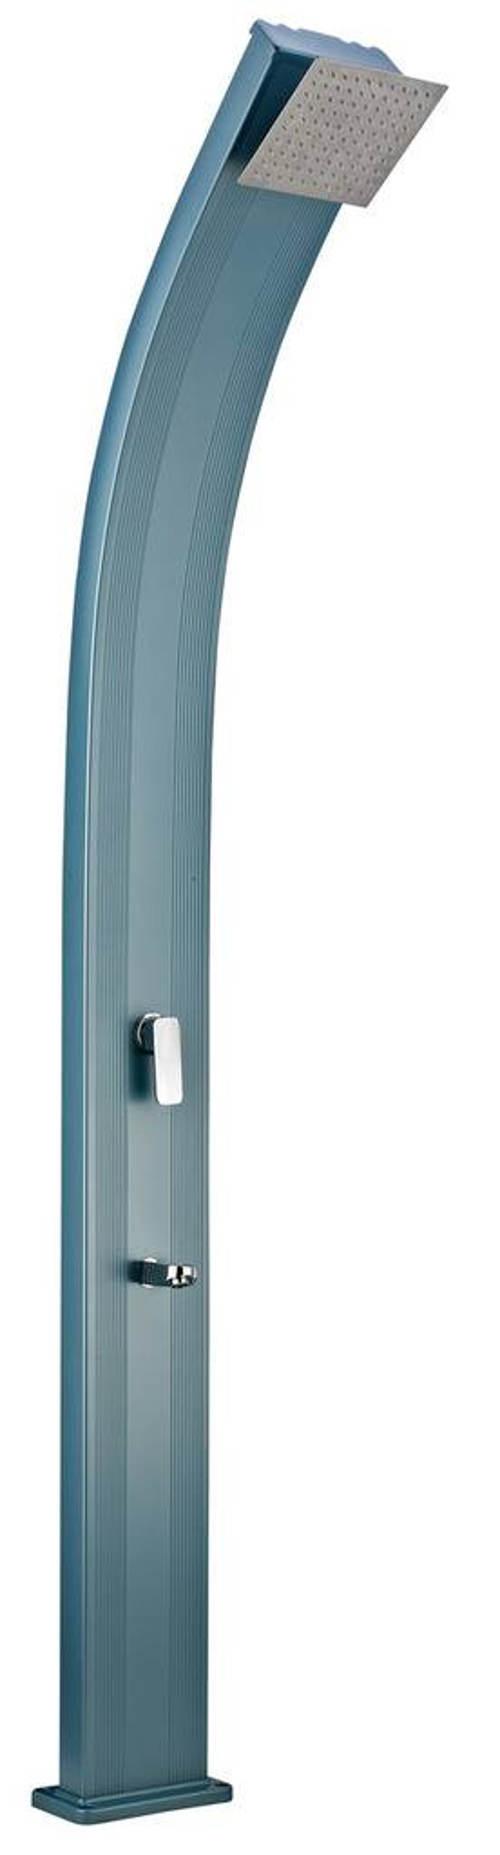 Modrá designová hliníková venkovní solární sprcha